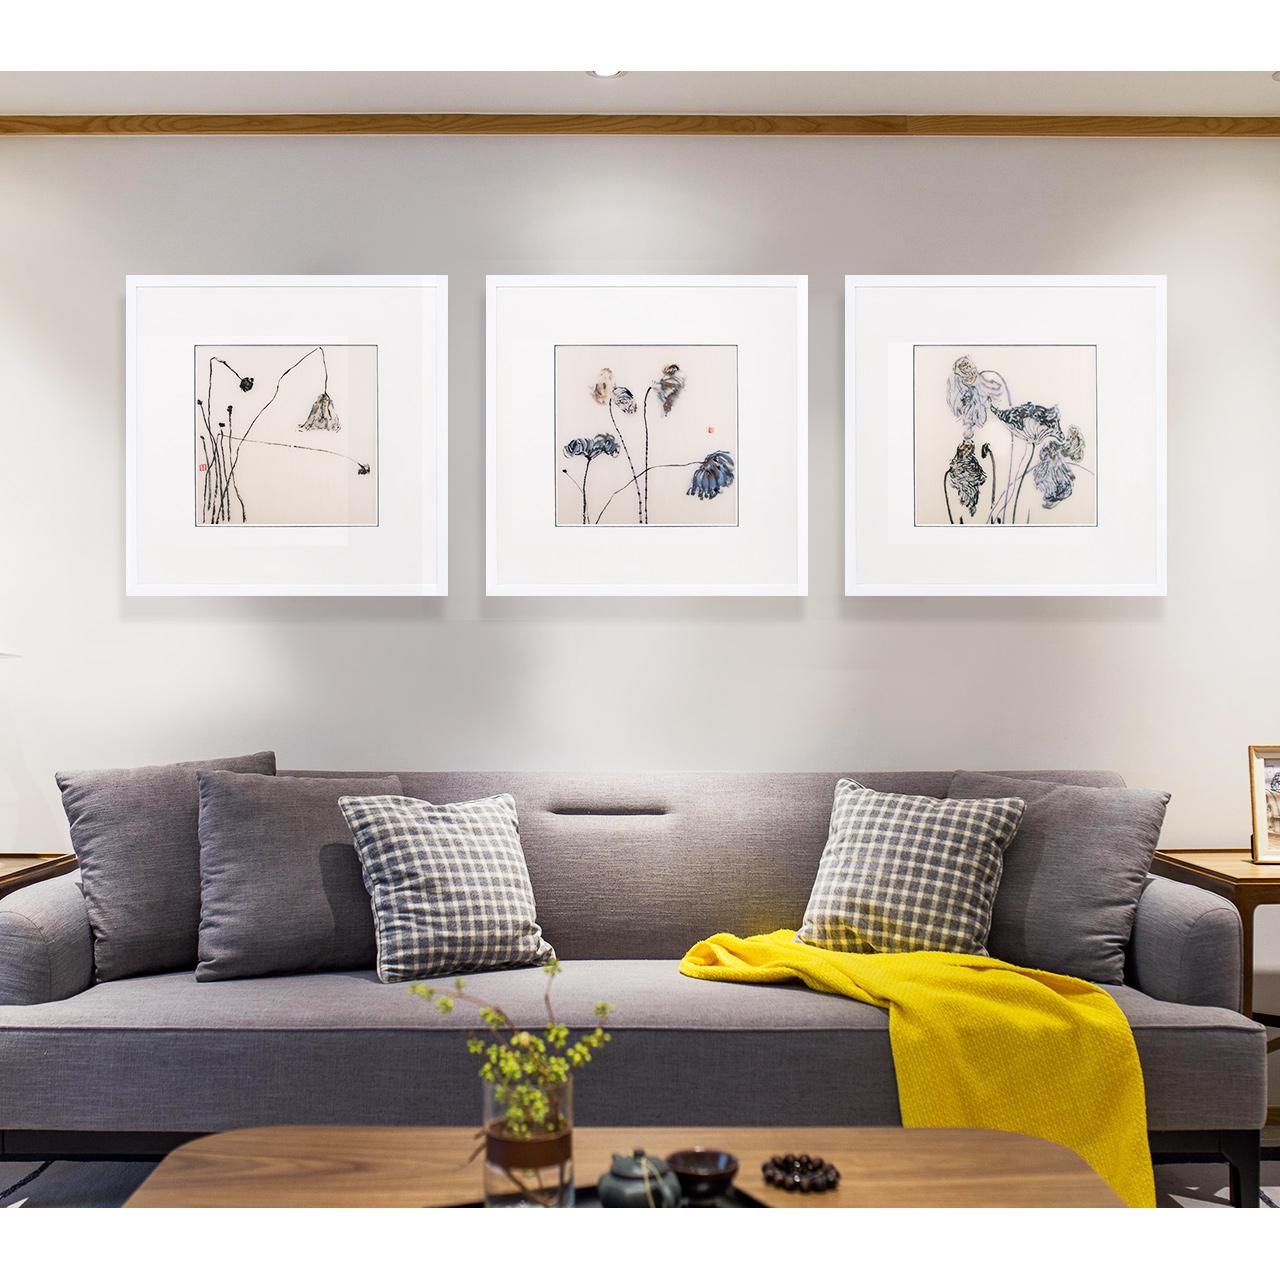 江南绣庄客厅沙发背景墙装饰画墙壁挂画简约现代新中式三联装饰画